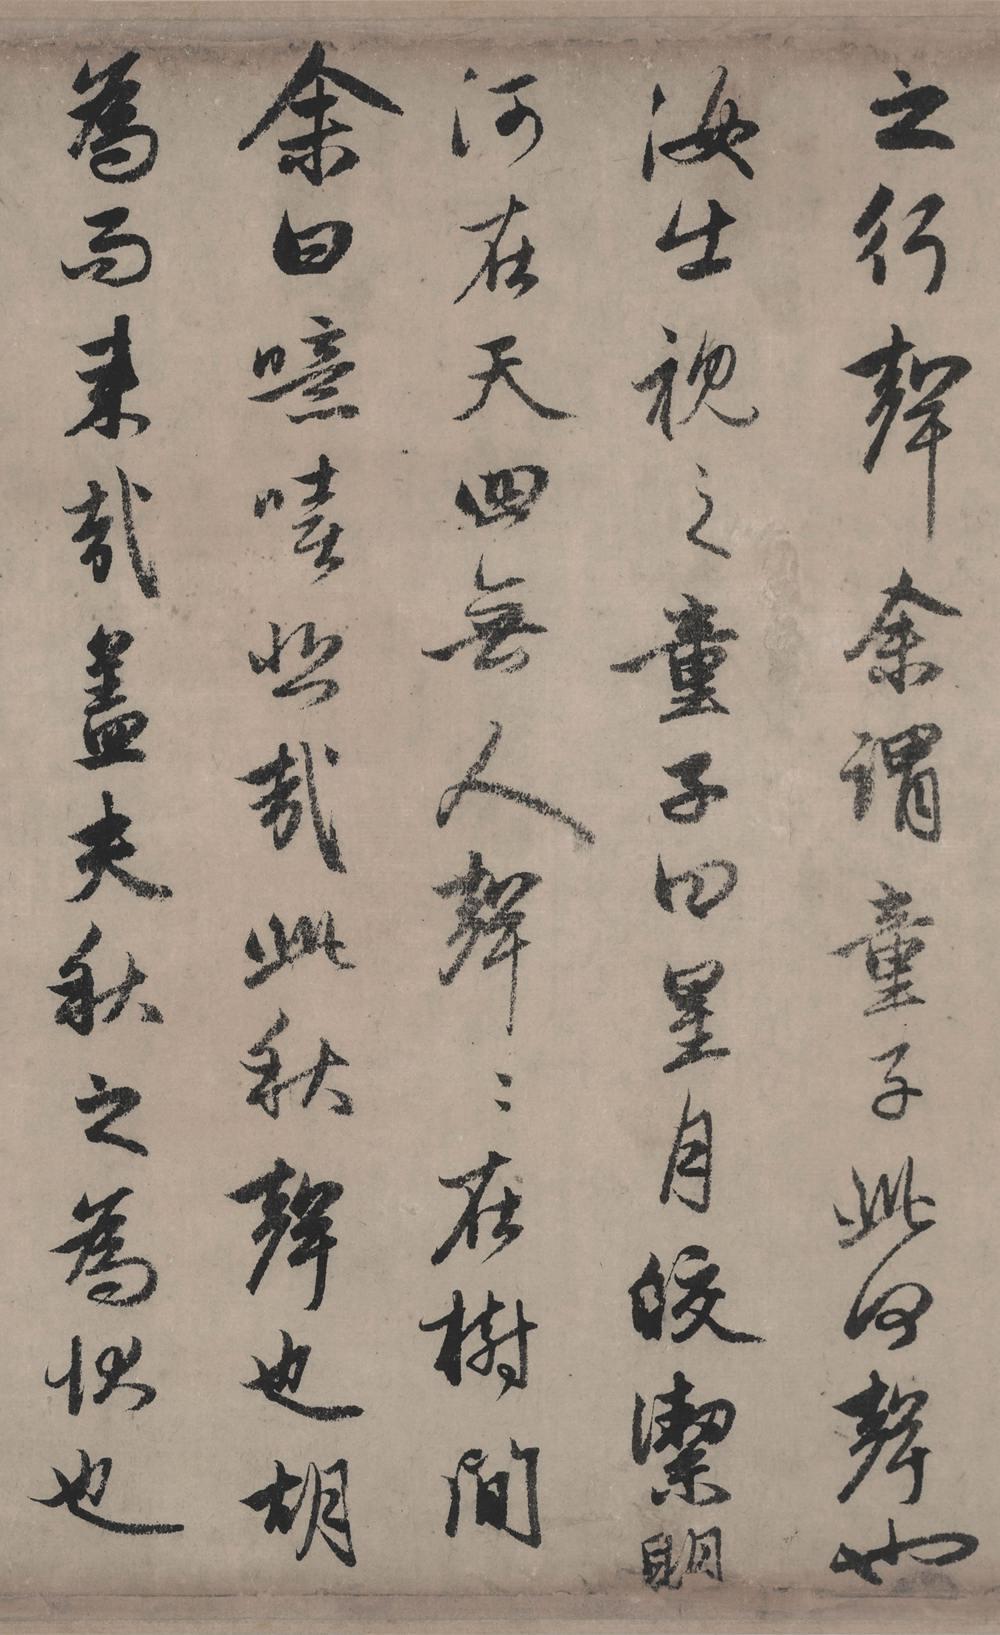 赵孟頫《秋声赋全卷》高清墨迹